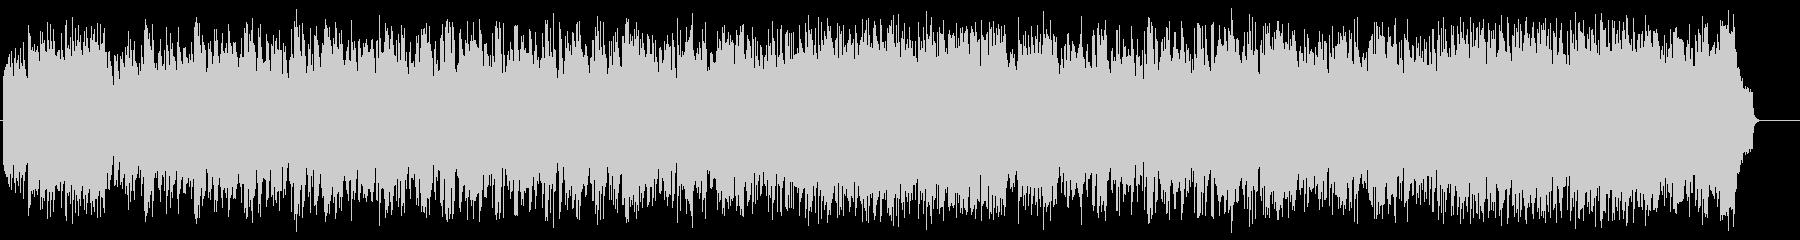 滑らかなピアノのバラード(フルサイズ)の未再生の波形